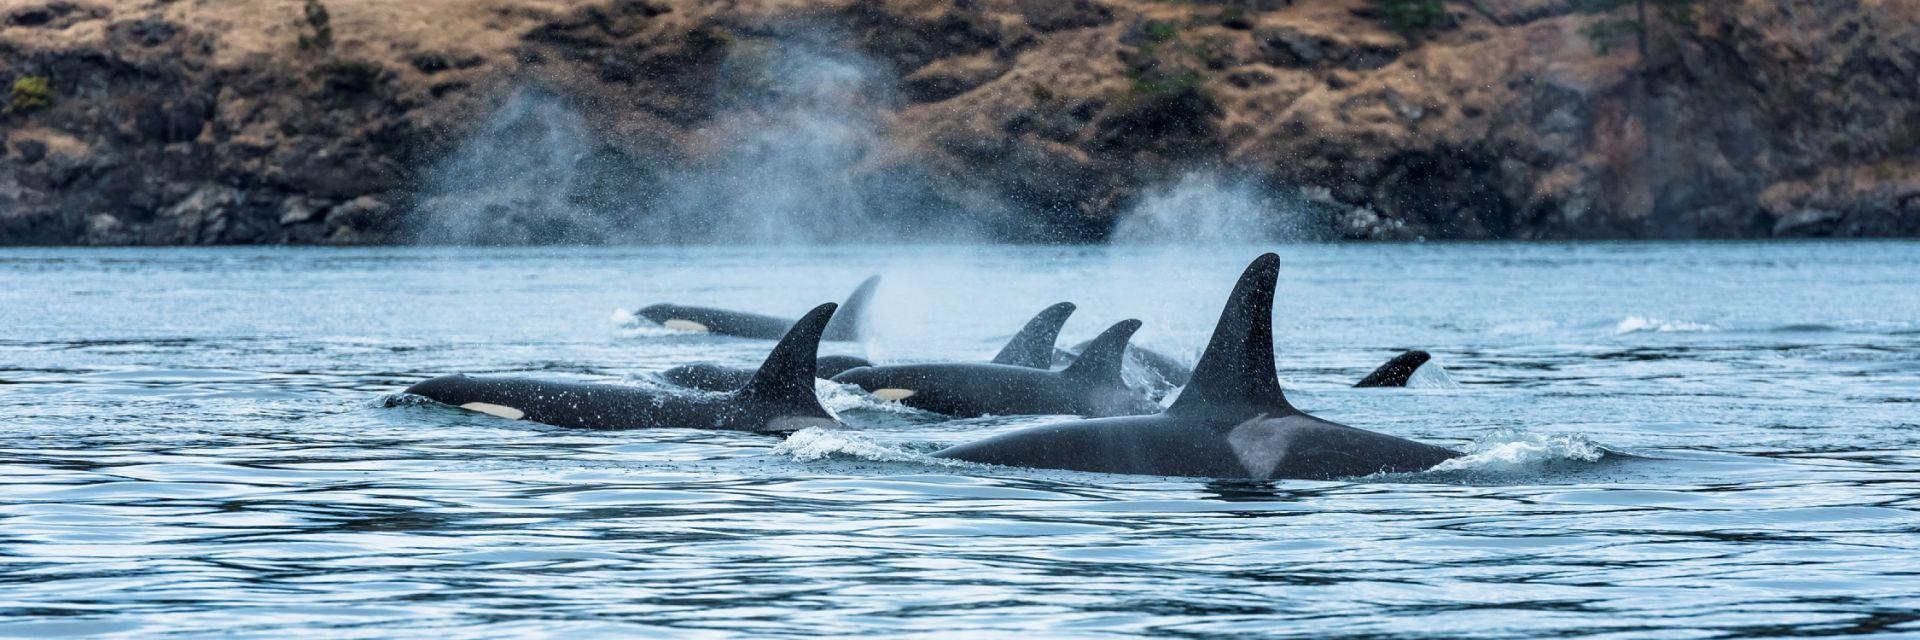 A pod of Orcas on the coastline